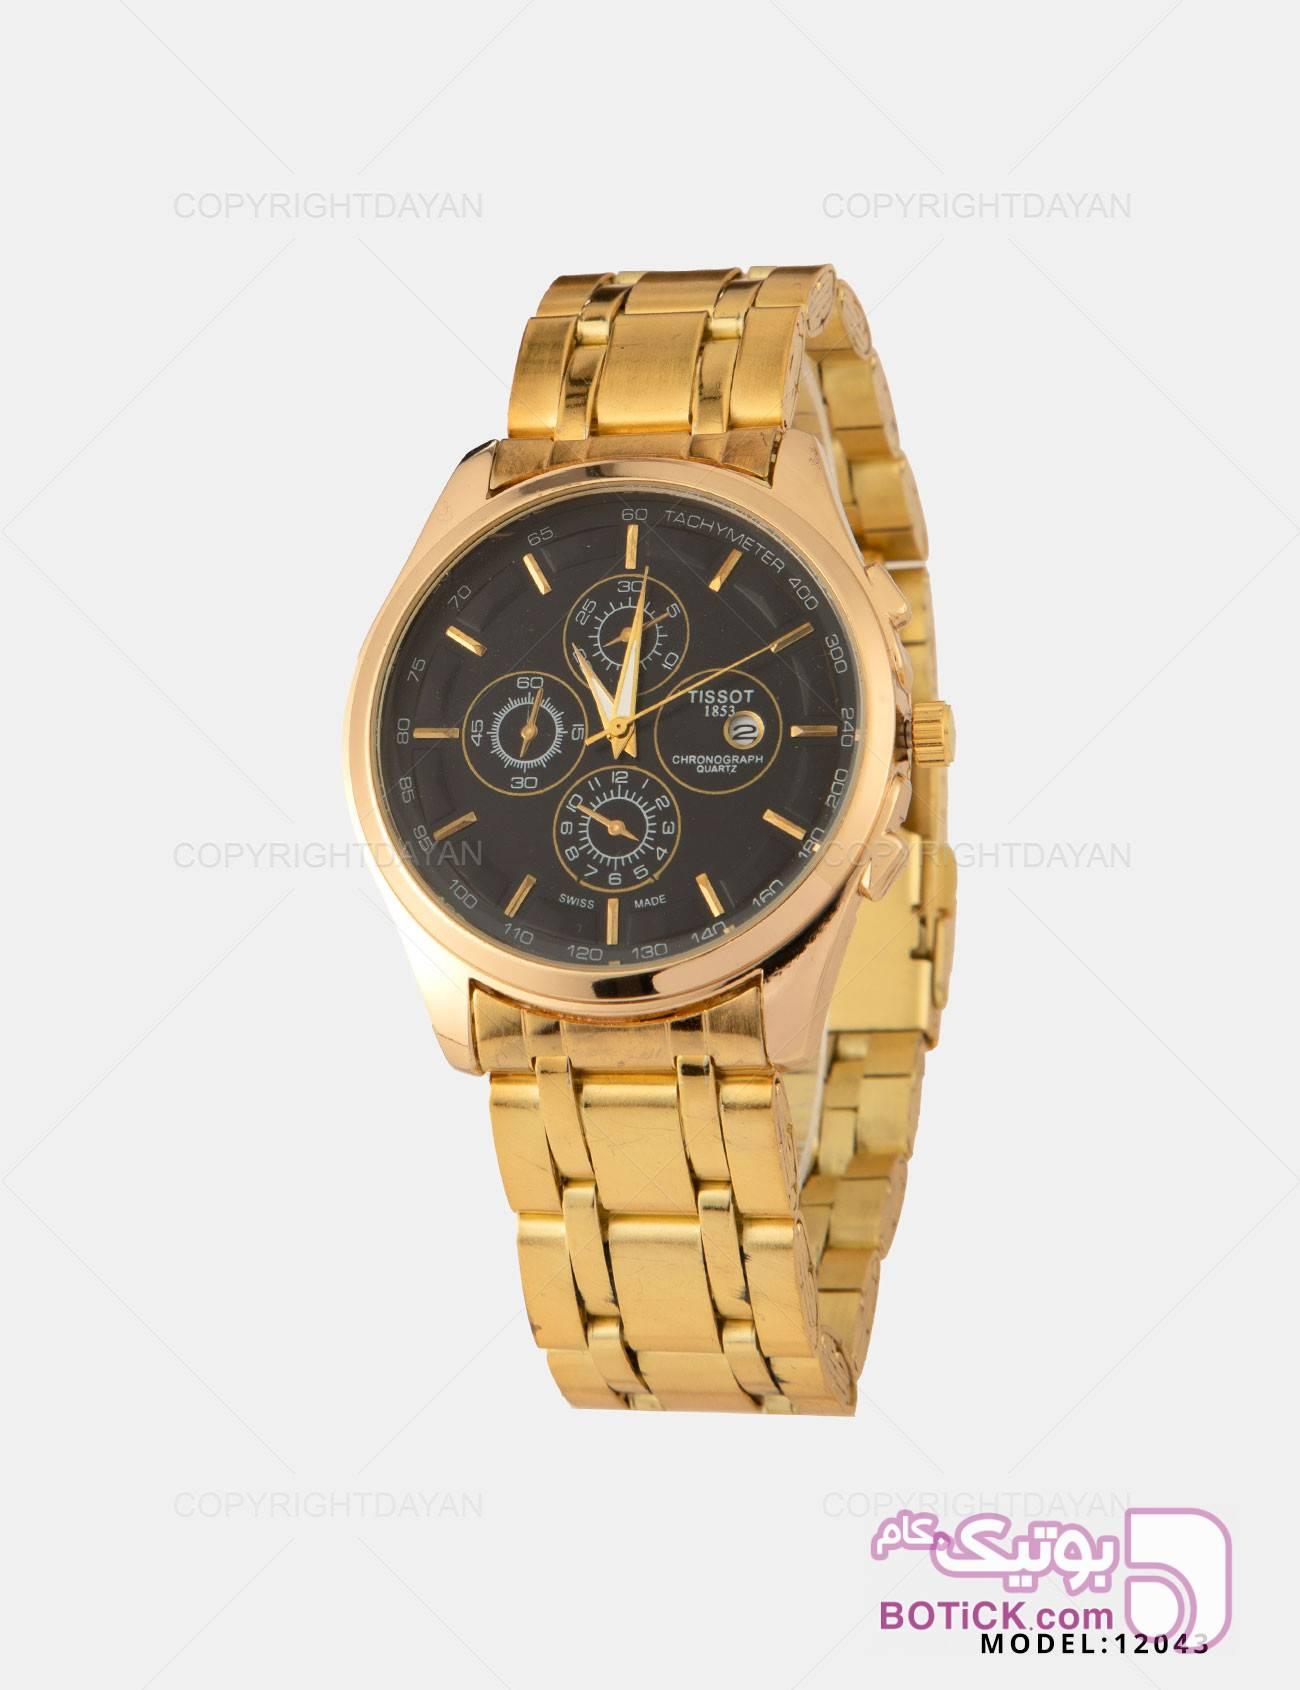 ساعت مچی مردانه Tissot مدل 12043 طلایی ساعت